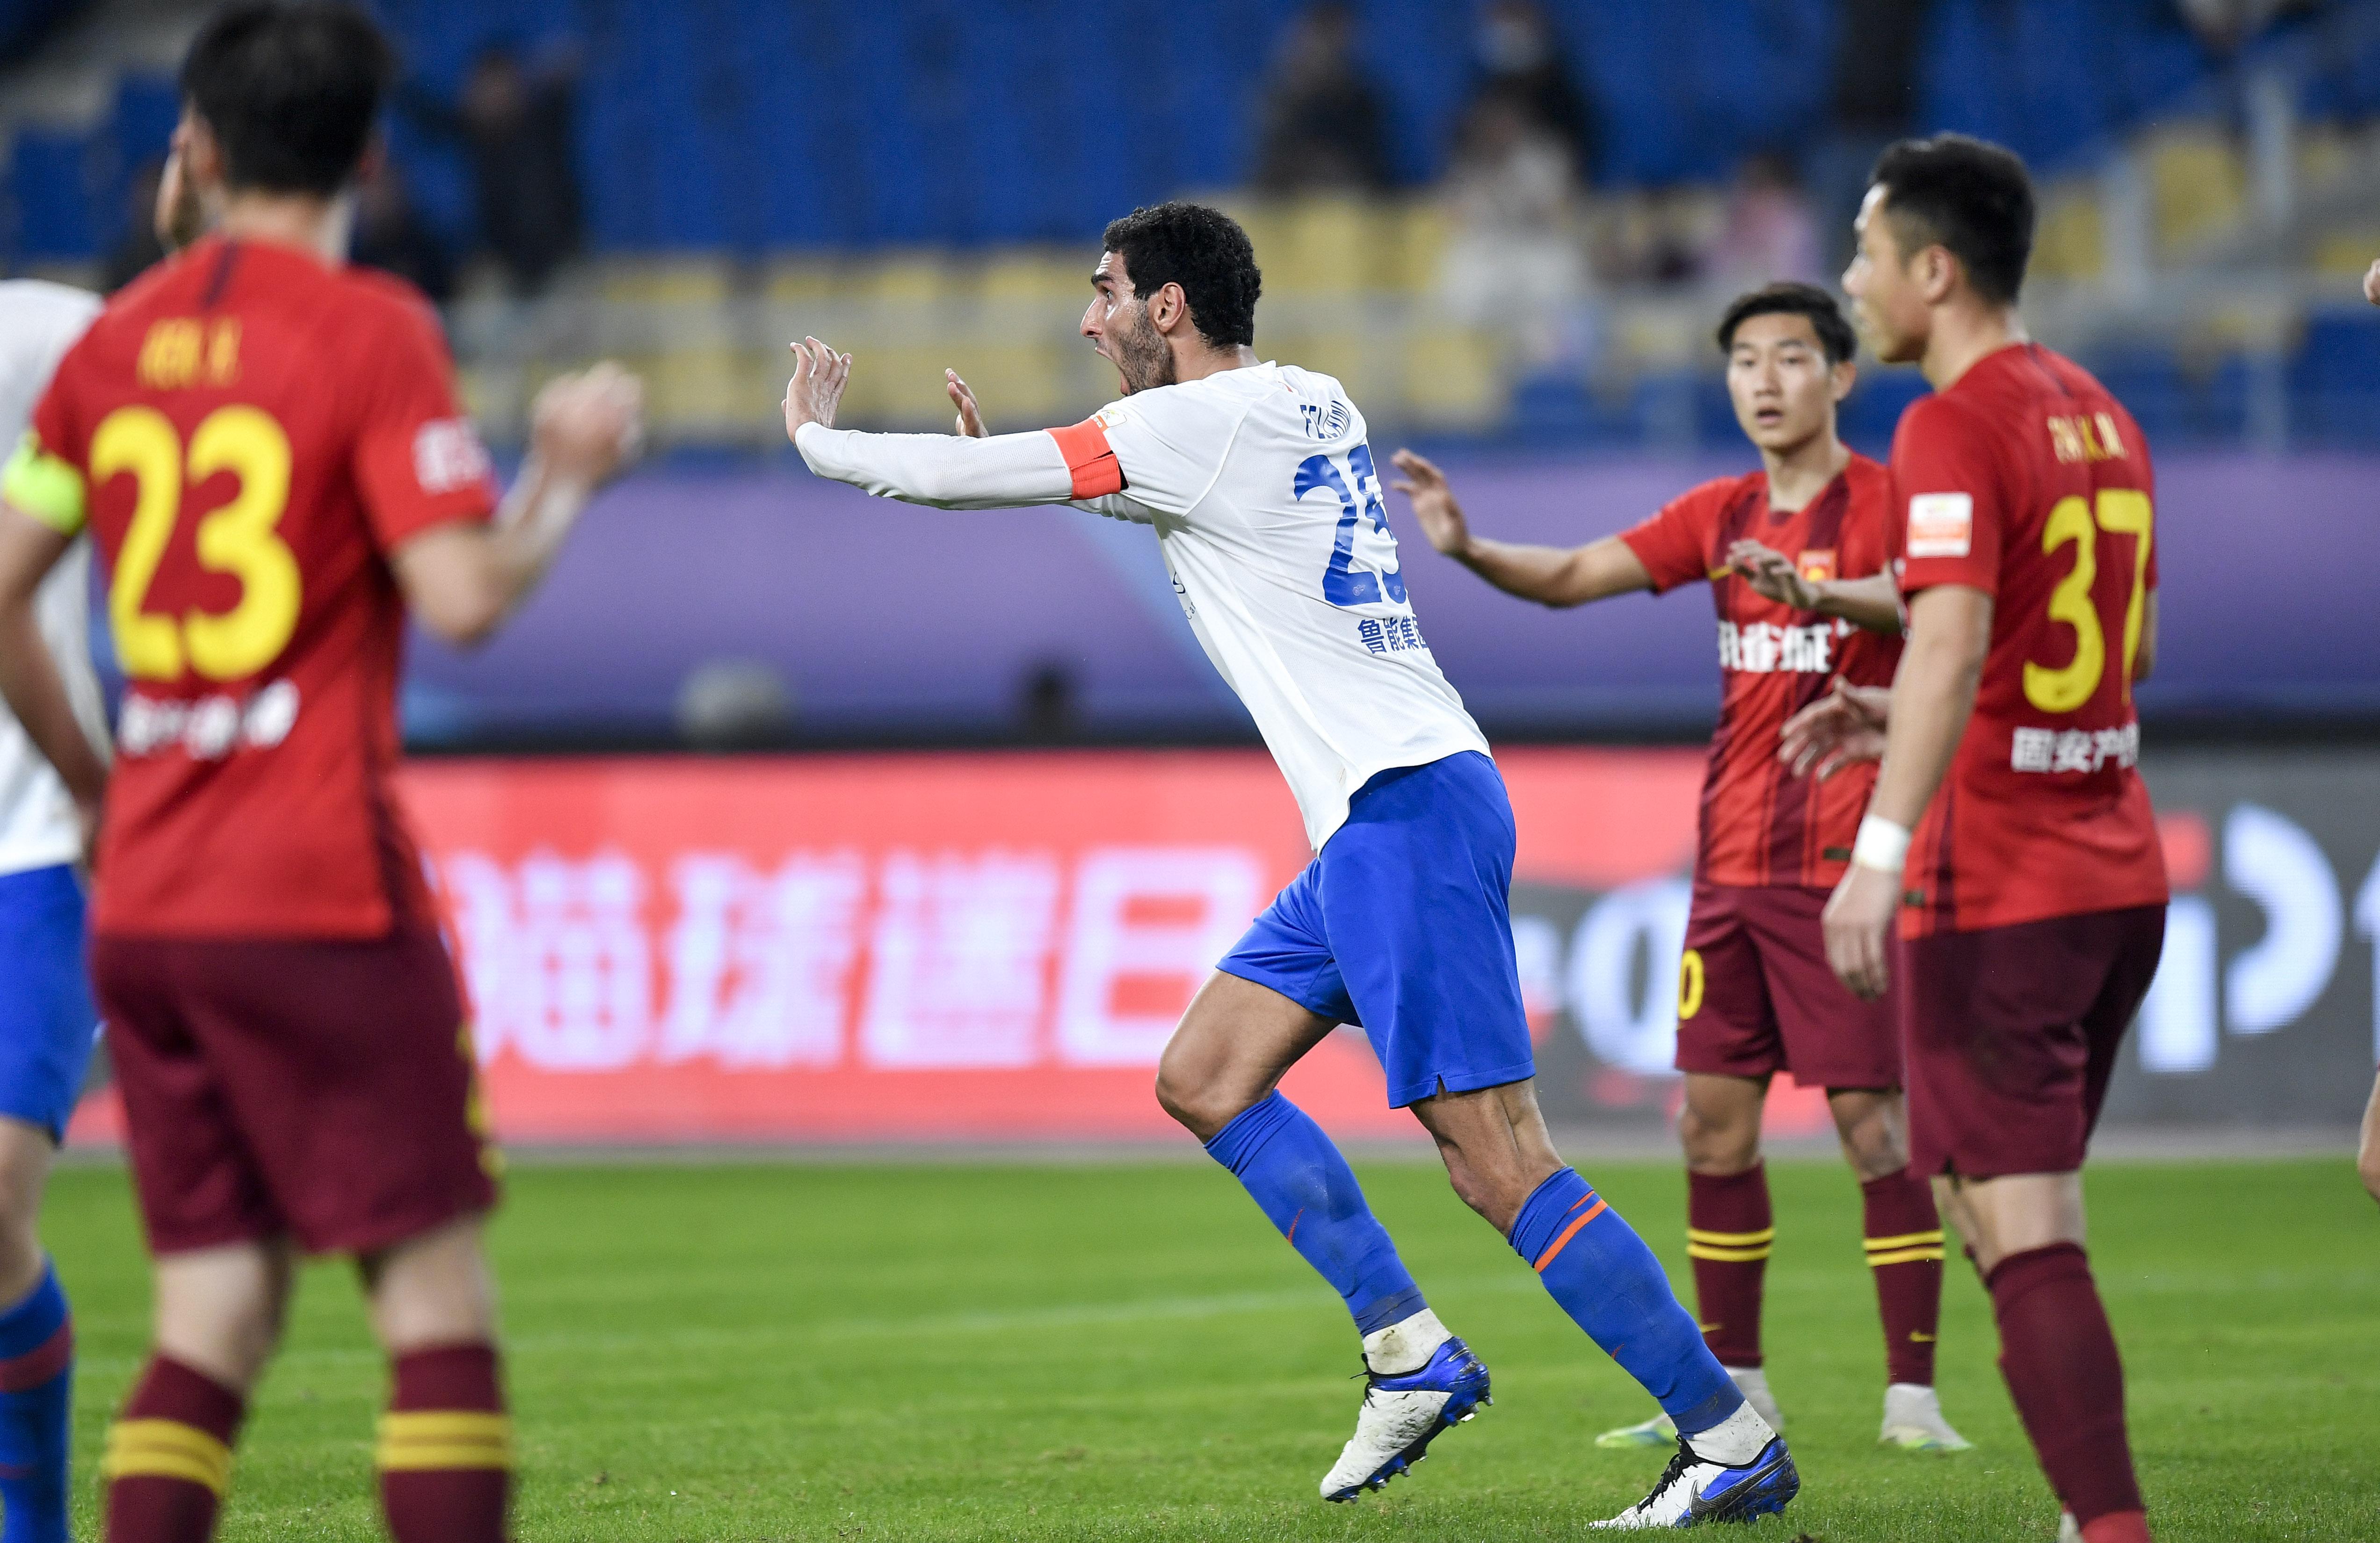 10月26日,山东鲁能泰山队球员费莱尼(中)在补时阶段的进球被判无效后向裁判申诉。新华社发